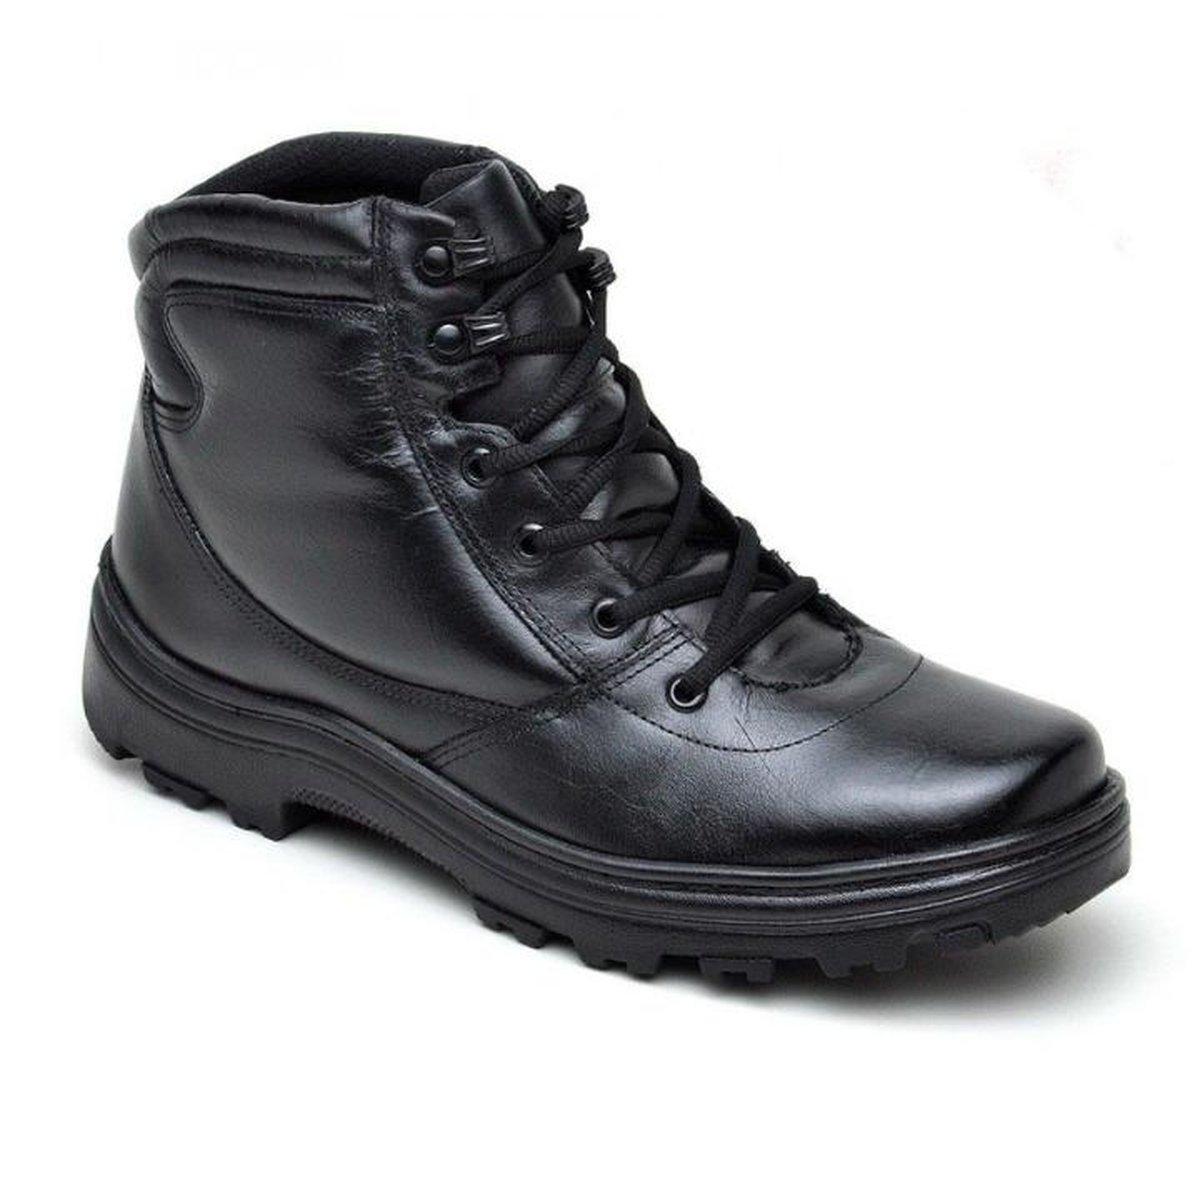 62679effacd Botas Atron Shoes com os melhores preços